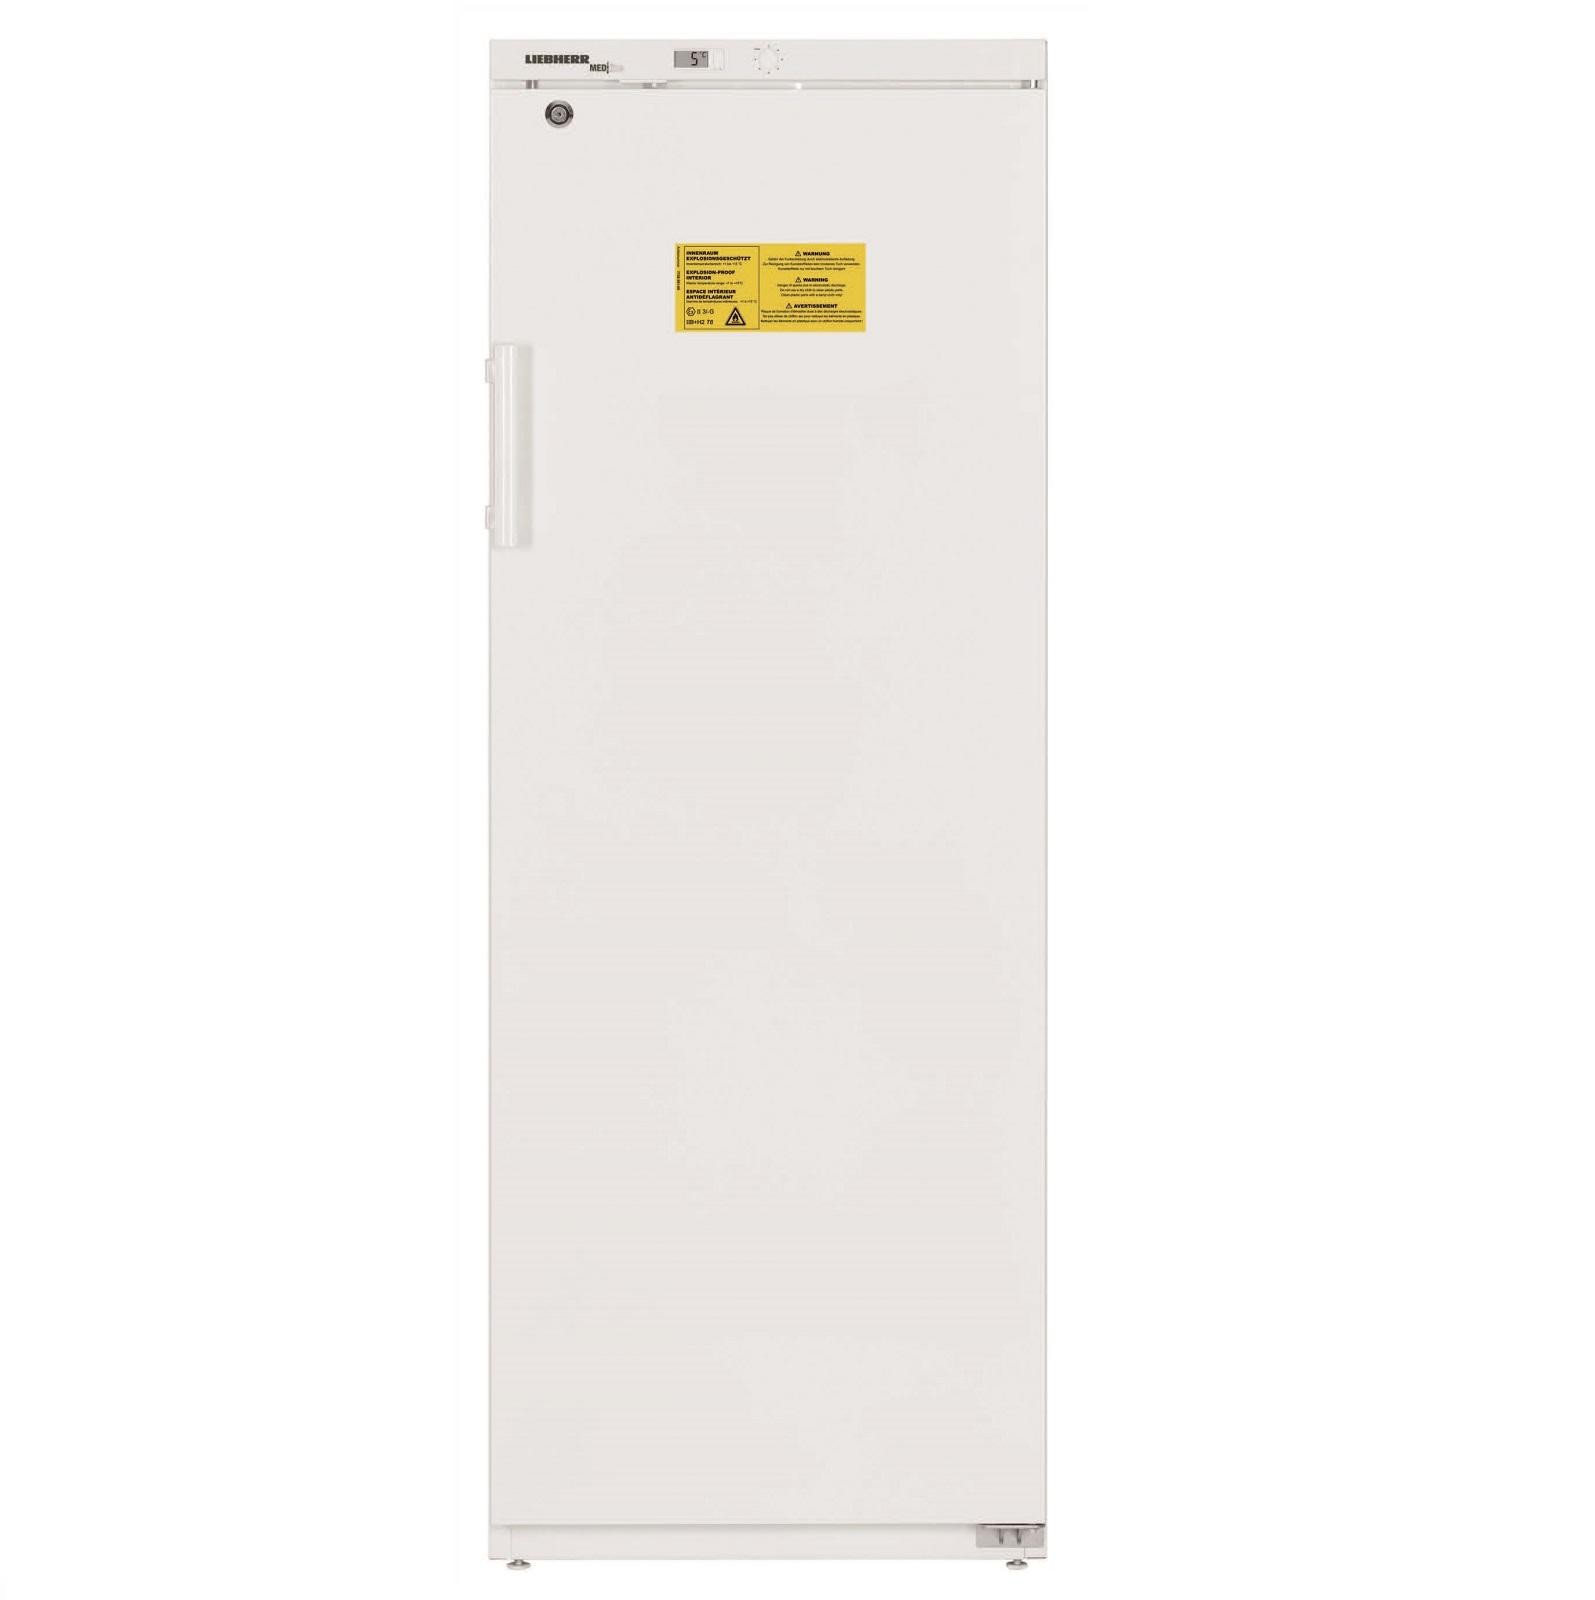 купить Лабораторный холодильный шкаф Liebherr LKexv 3600 Украина фото 2